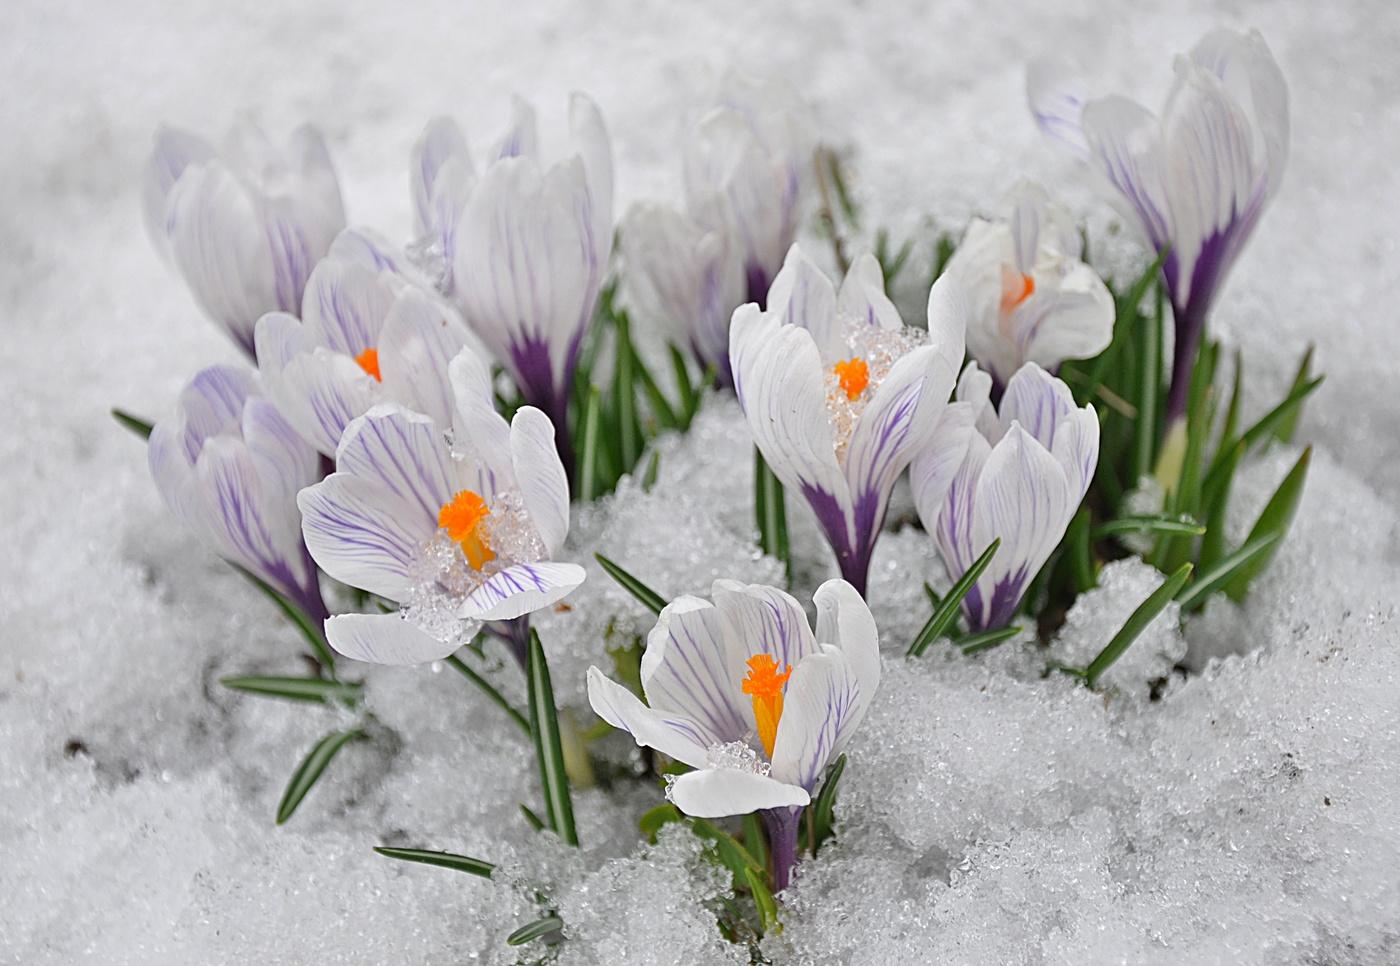 картинка с первыми весенними цветами американцы облачаются